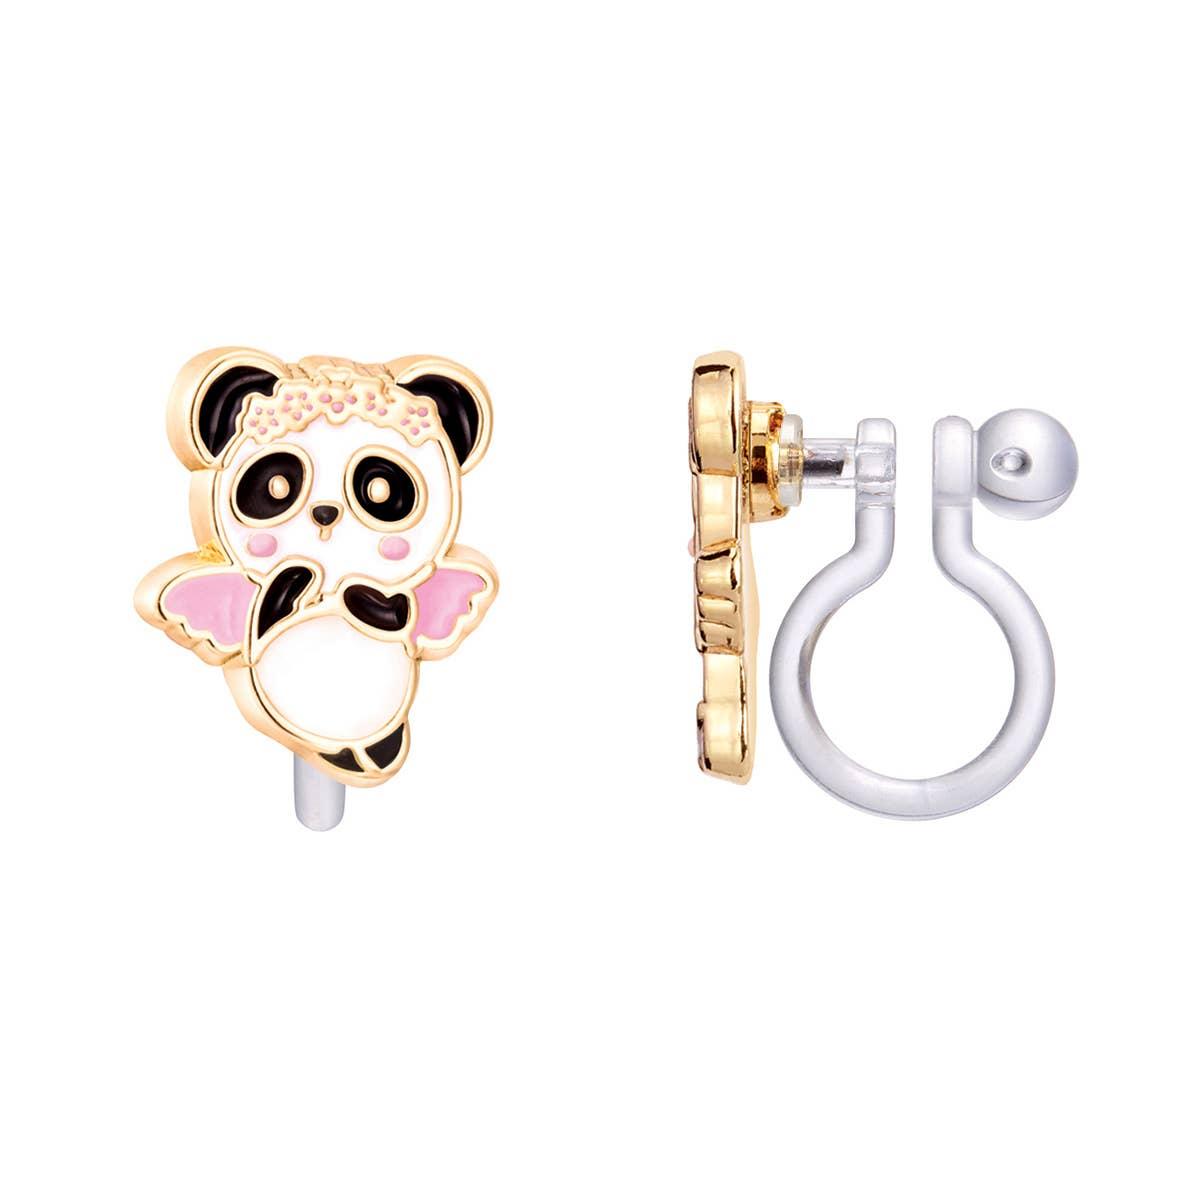 CLIP ON Cutie Earrings- Panda Angel   Trada Marketplace